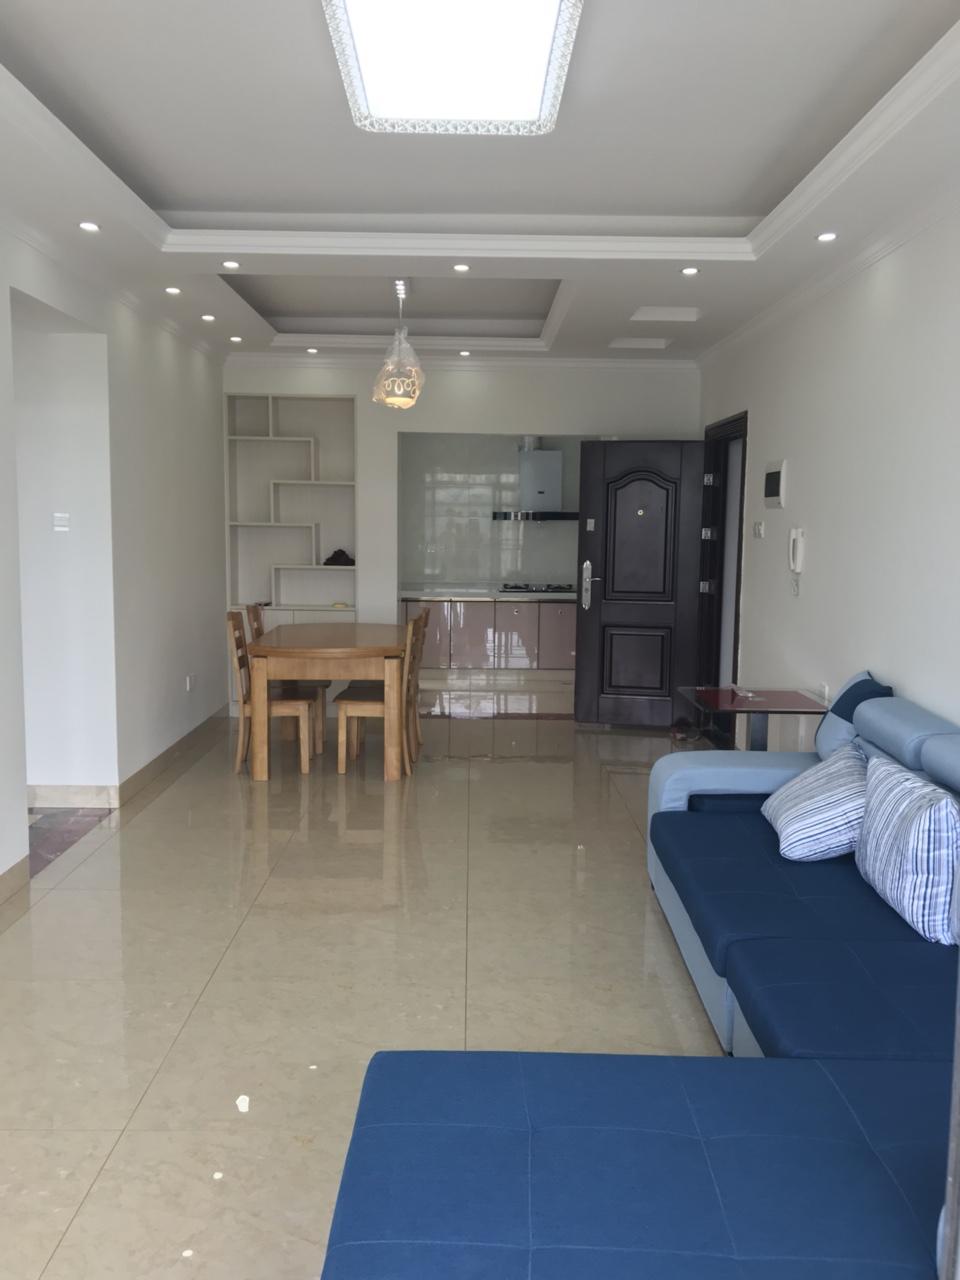 兆南熙园2室2厅1卫1800元/月